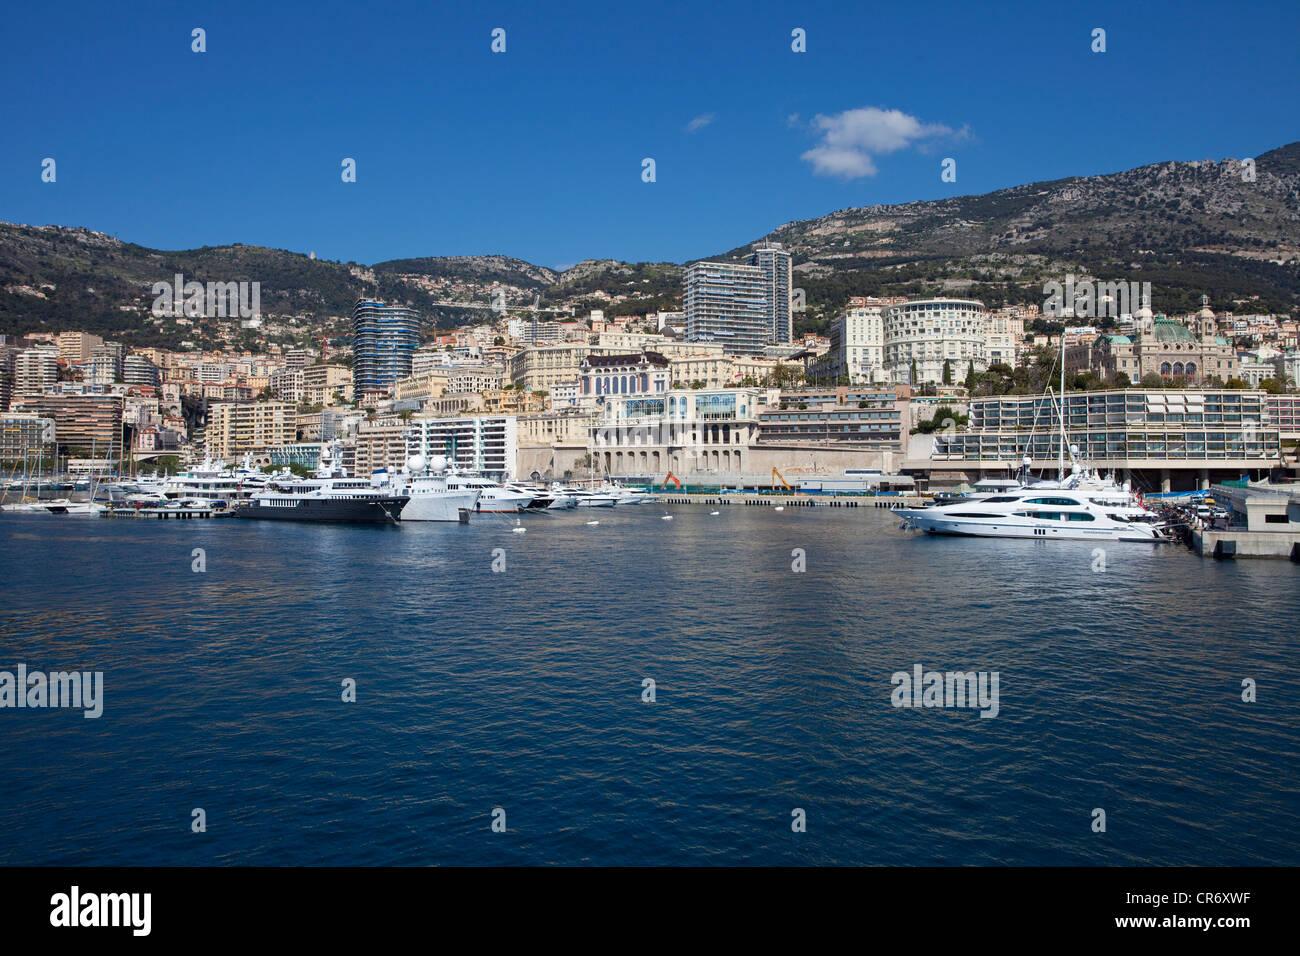 Harbour, Monaco, Europa - Stock Image